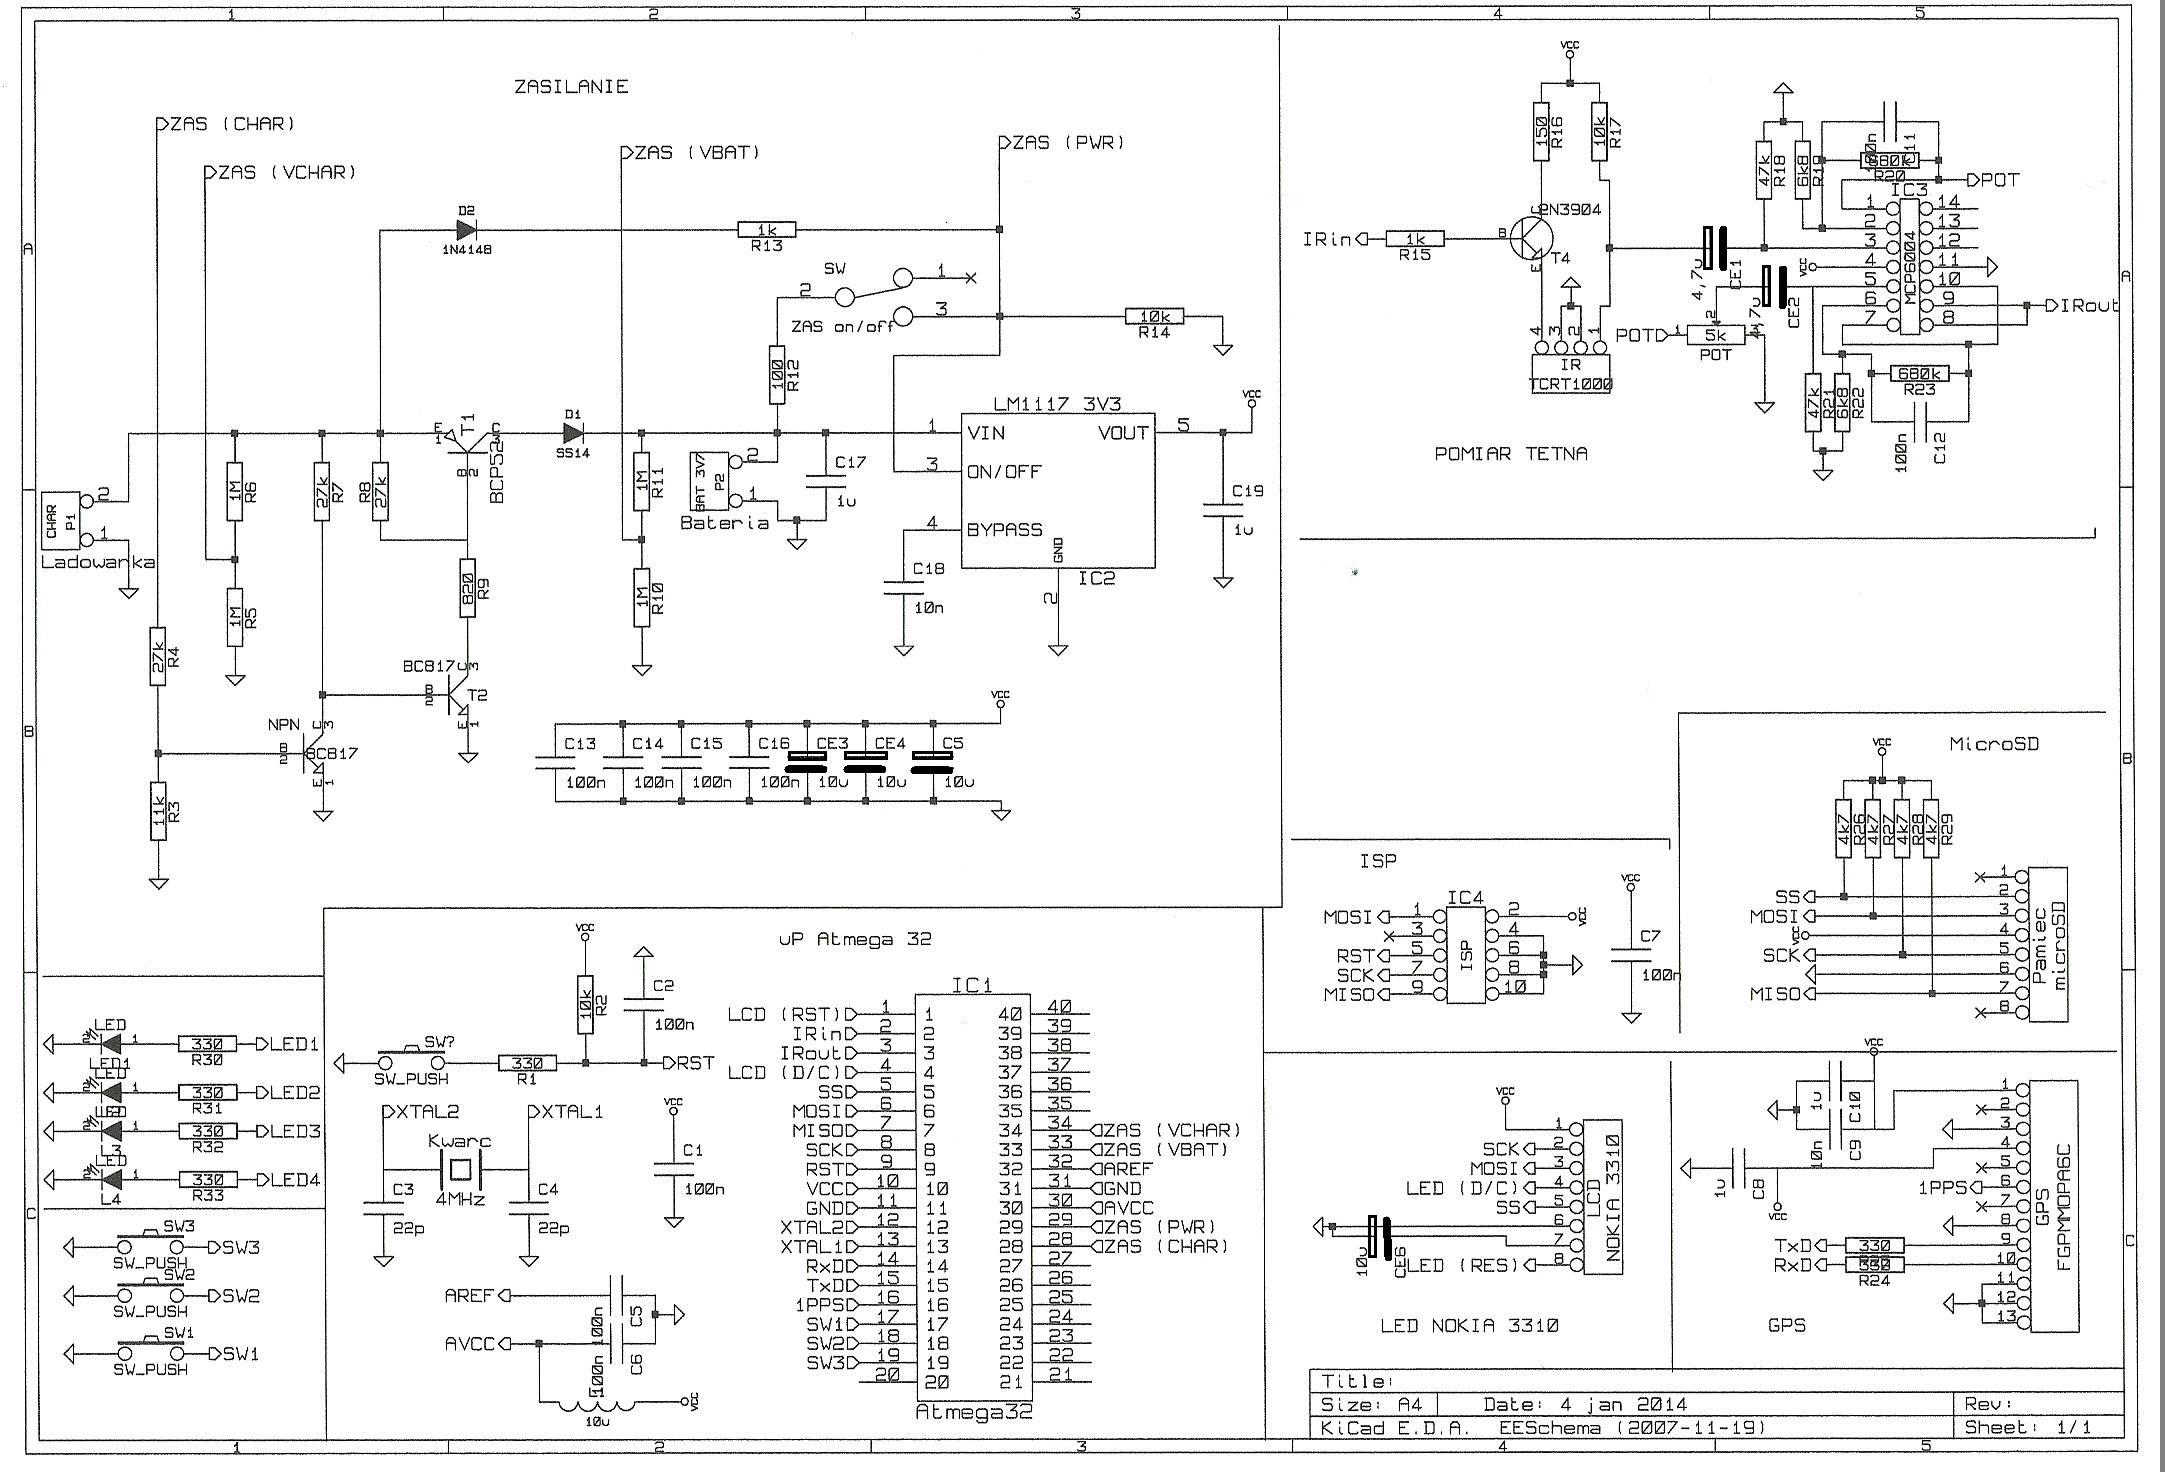 AVR - AVR + pomiar t�tna  (+ GPS + LCD + karta SD)